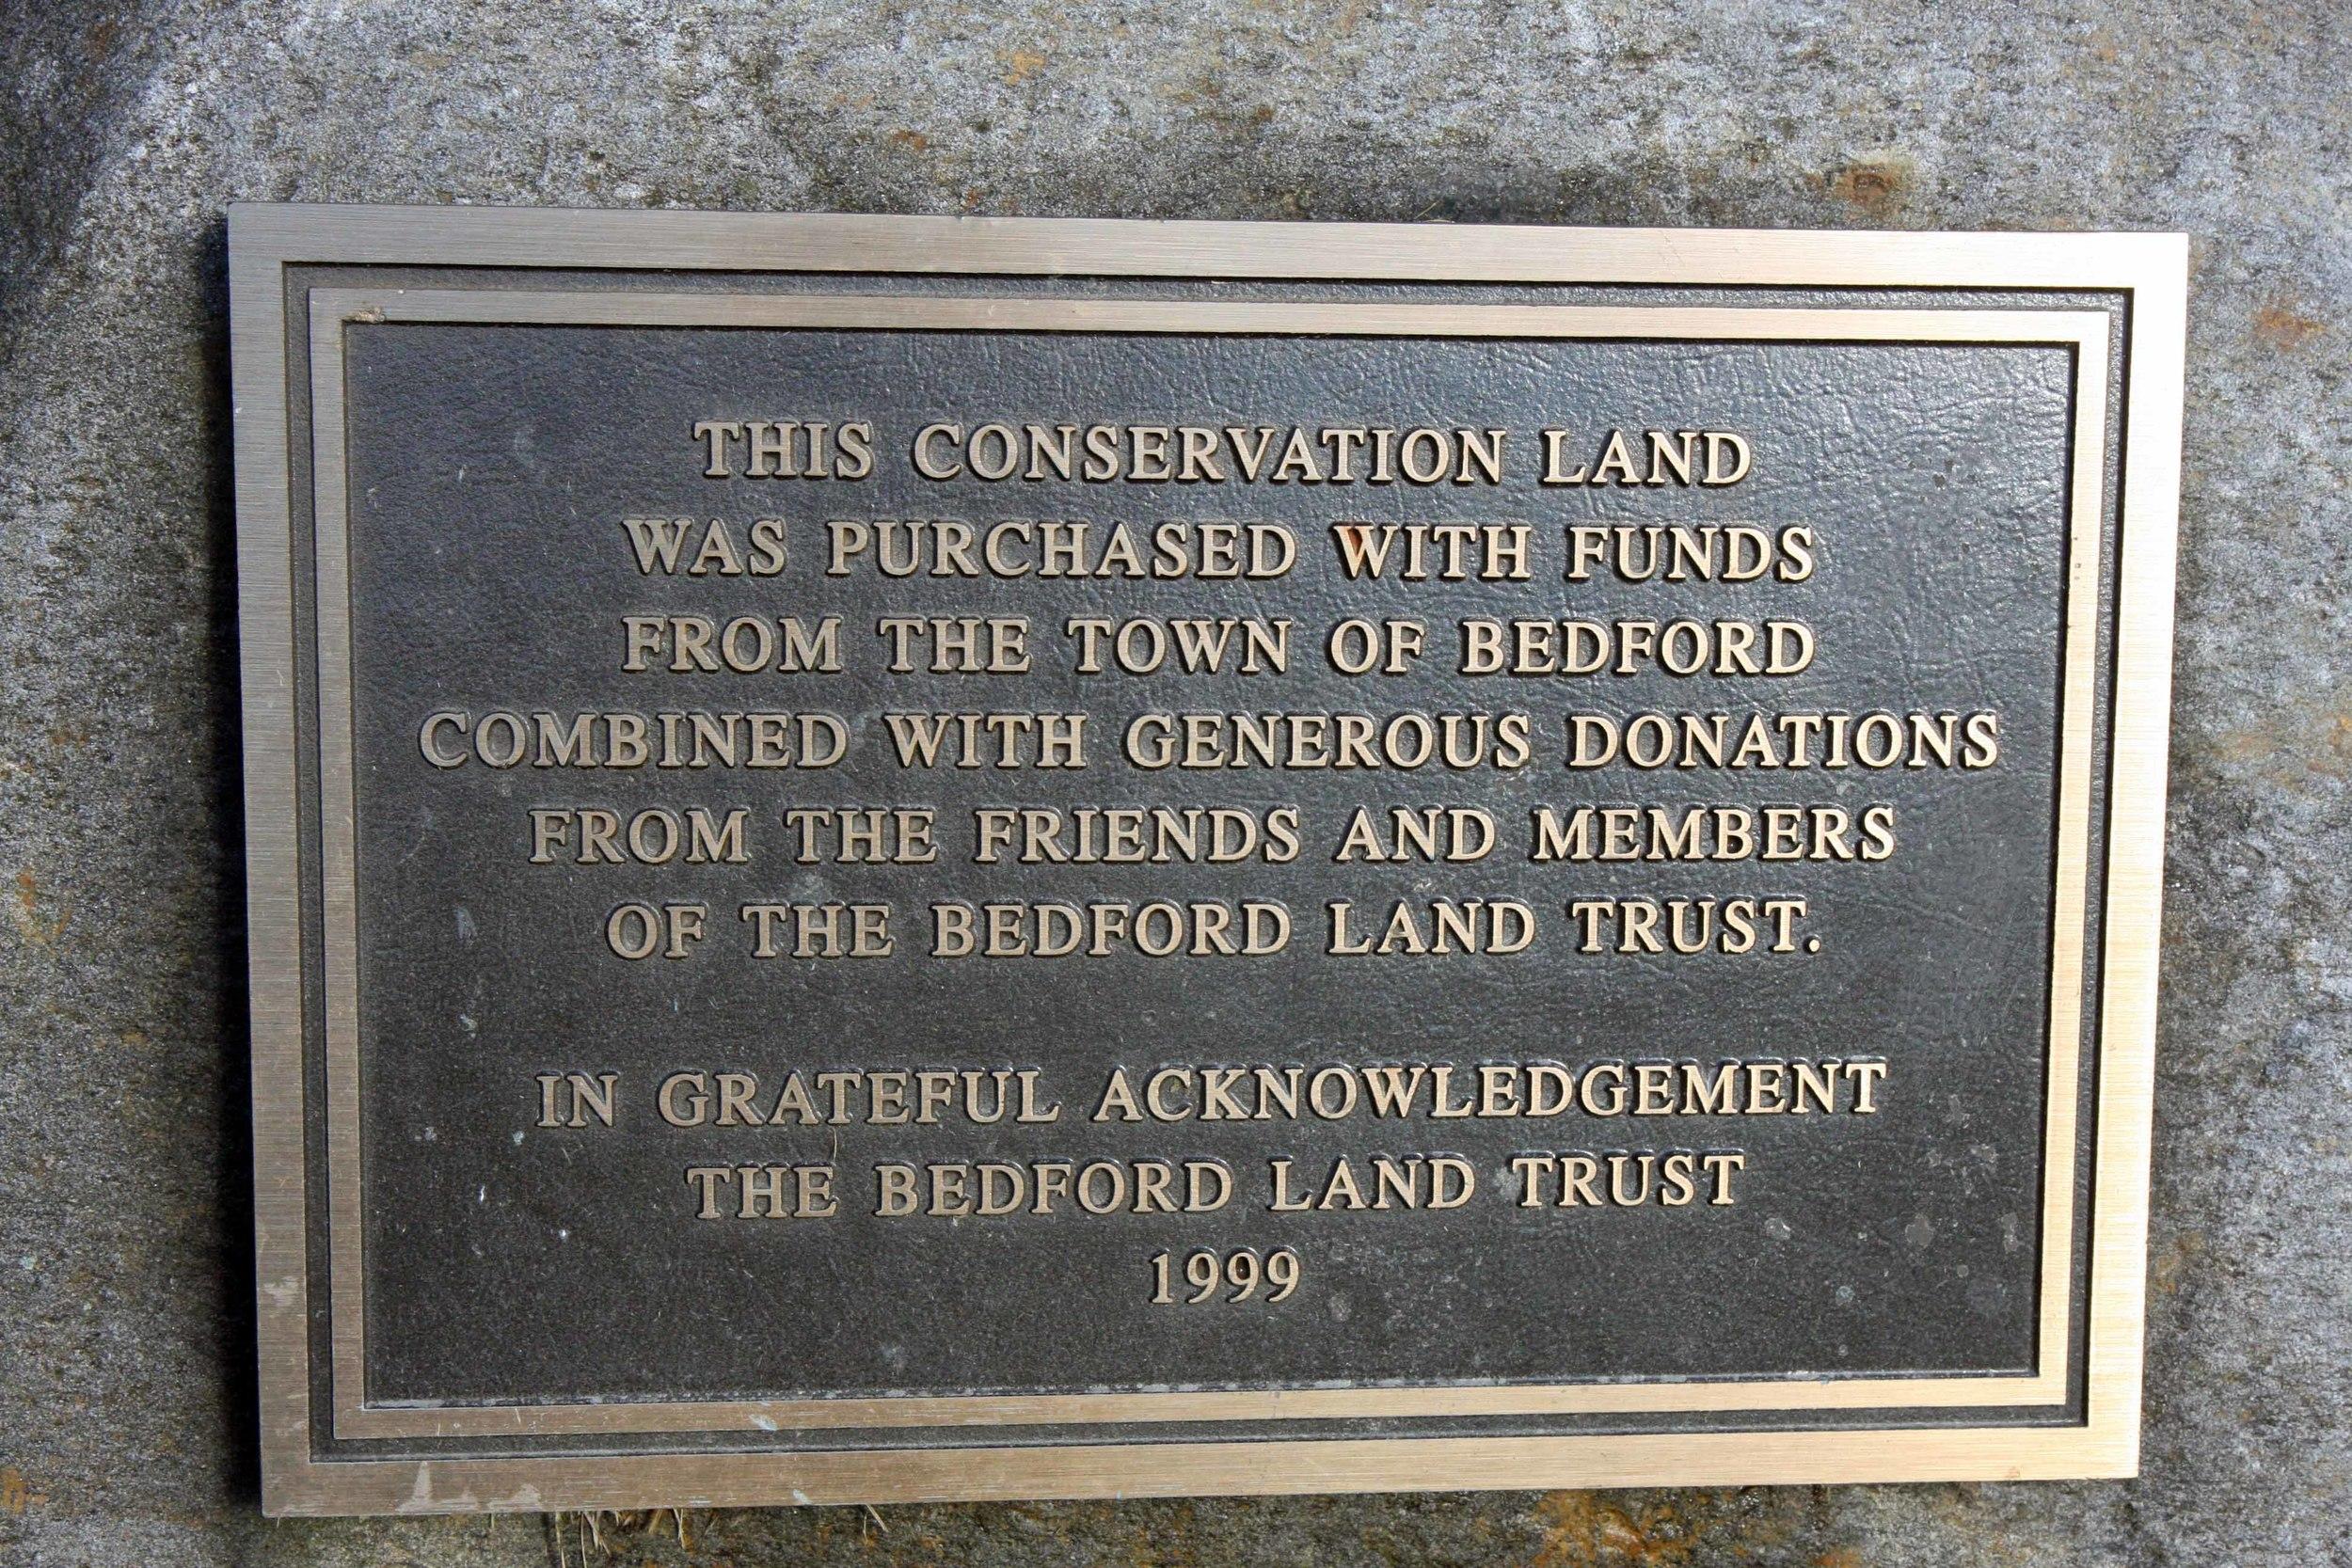 1999 dedication plaque